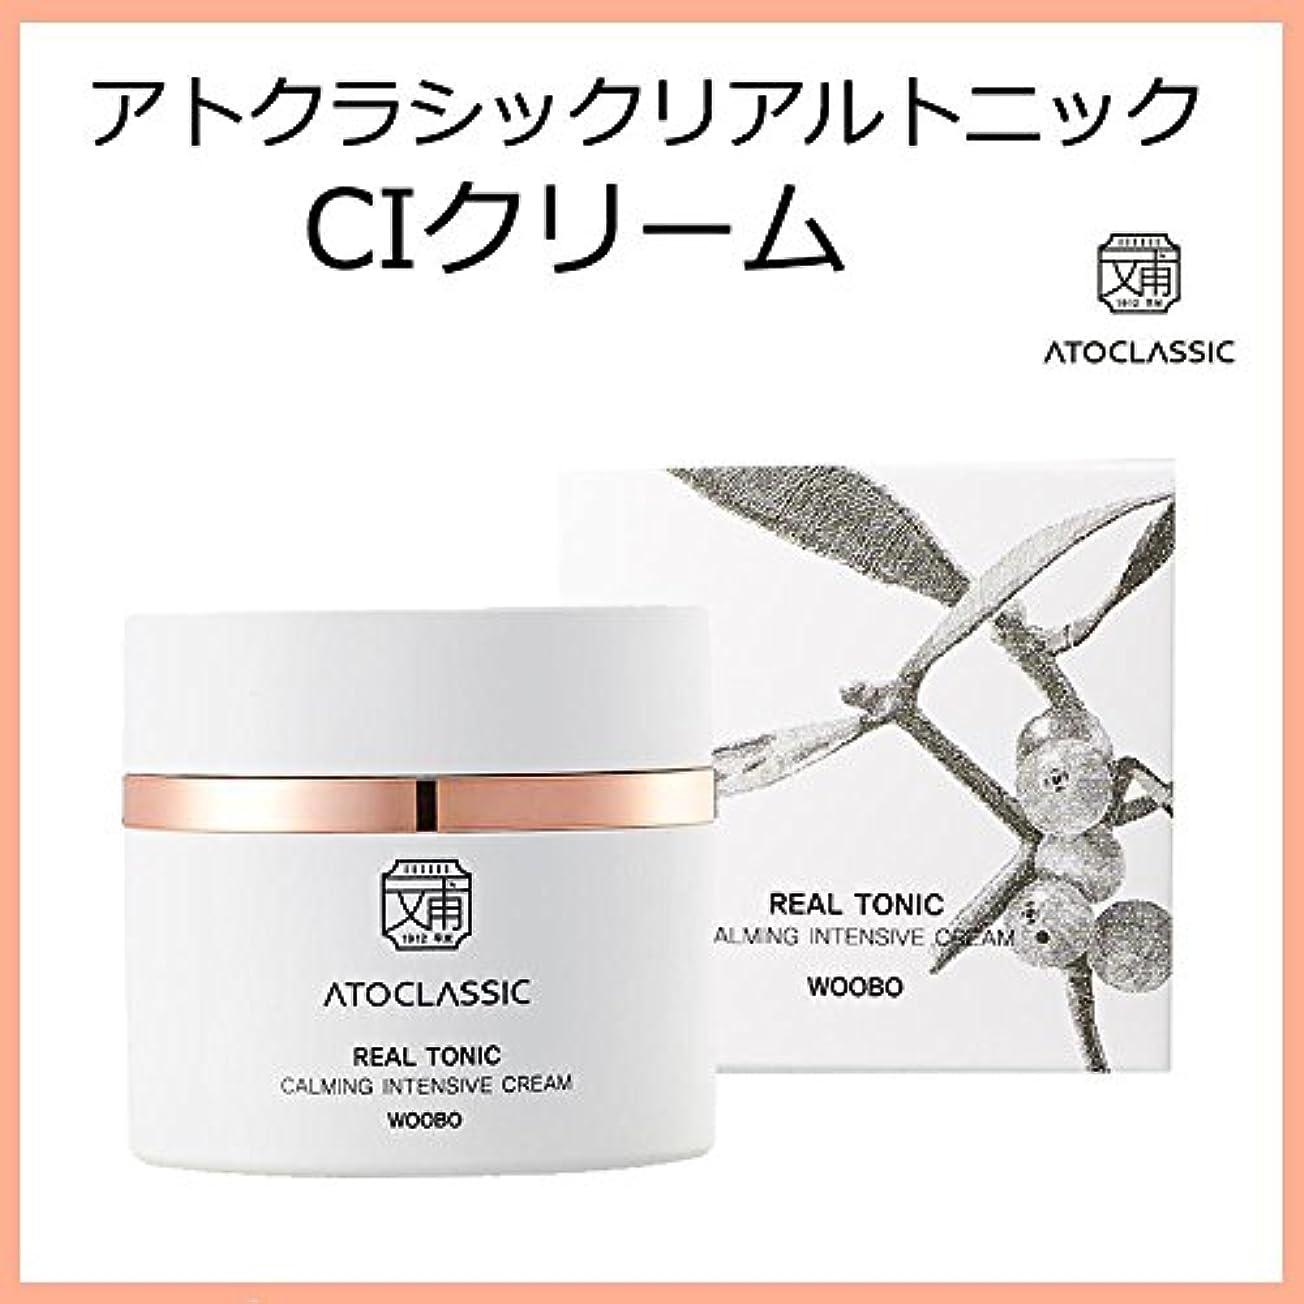 憂鬱な紳士司令官韓国コスメ ATOCLASSIC アトクラシックリアルトニック CIクリーム(Calming Intensive Cream) 50ml